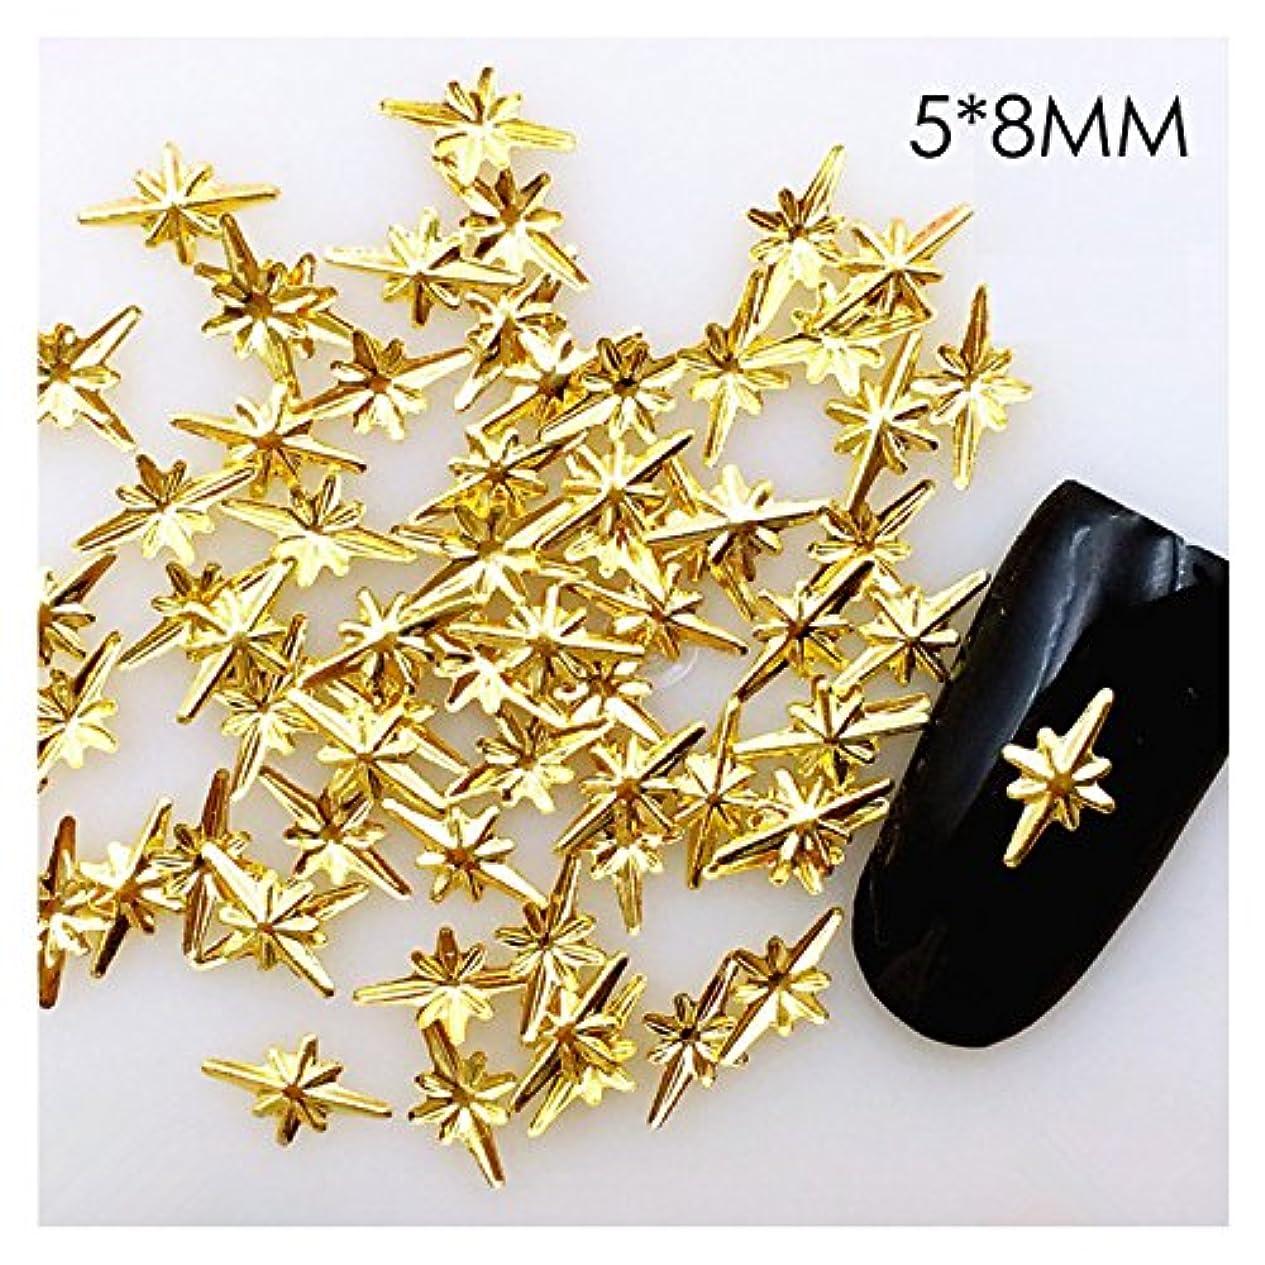 休暇接地除外する40個入り ダイヤ5*8ミリ 40個入り恒星 ゴールド メタルパーツ スタッズ ネイル用品 GOLD スター アート パーツ デコ素材